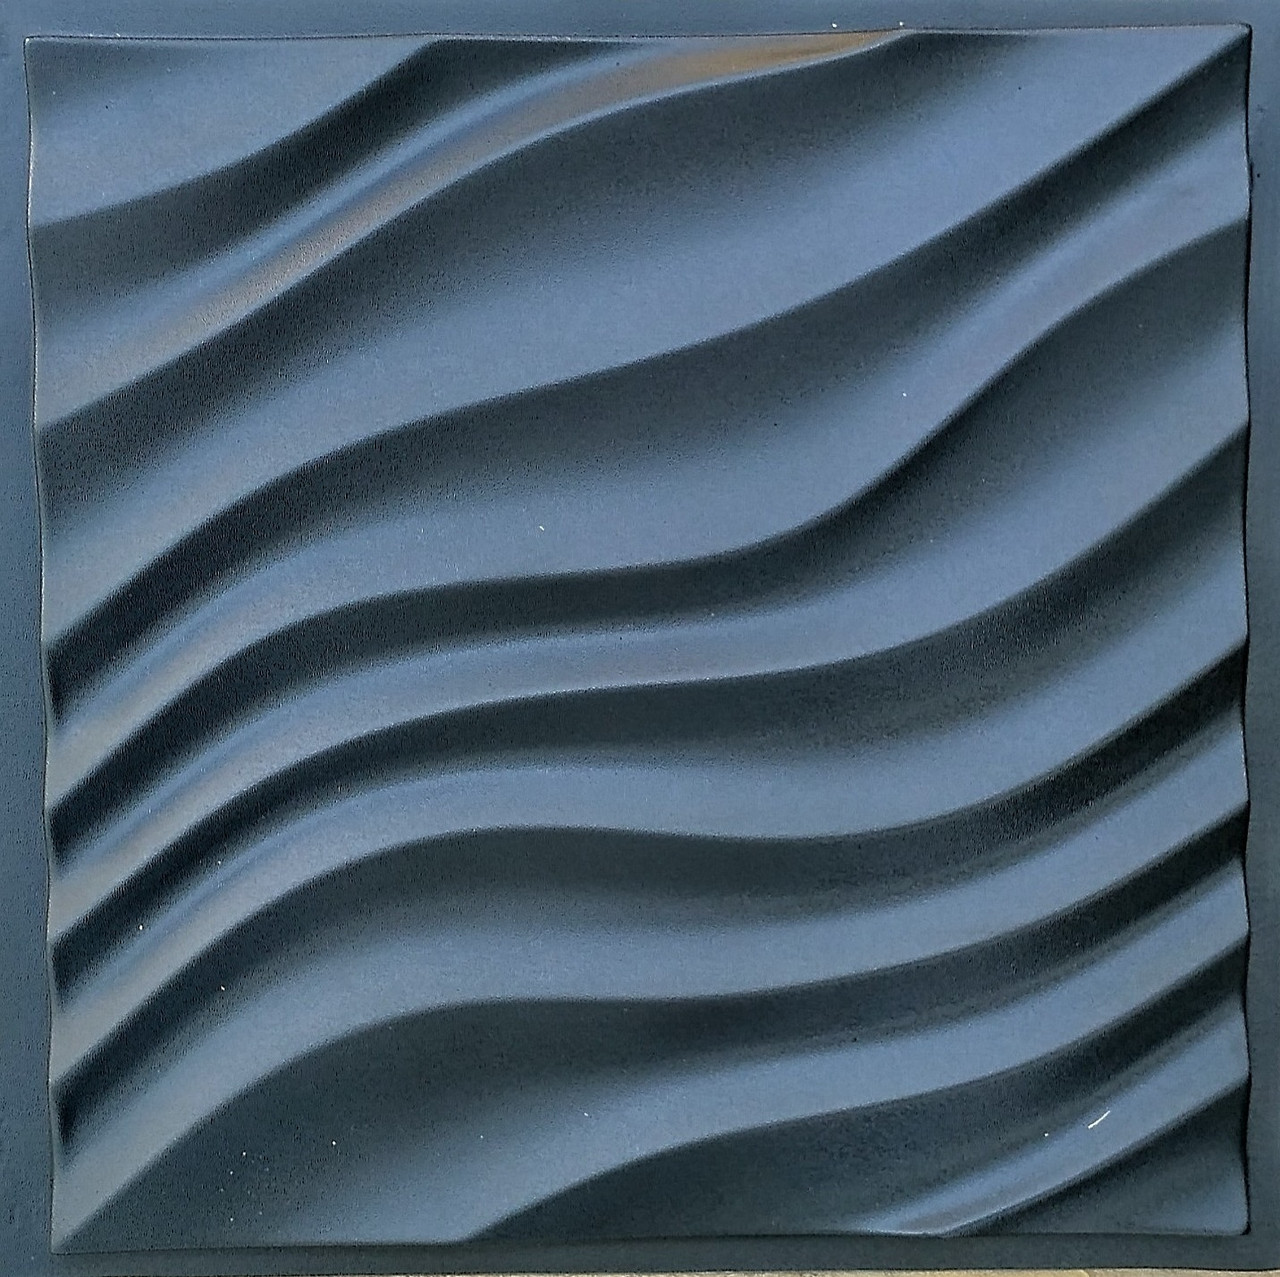 """Пластиковая форма для изготовления 3d панелей """"Дюна"""" 50*50 (форма для 3д панелей из абс пластика) - Форм-Мастер. Магазин форм для декора в Запорожской области"""